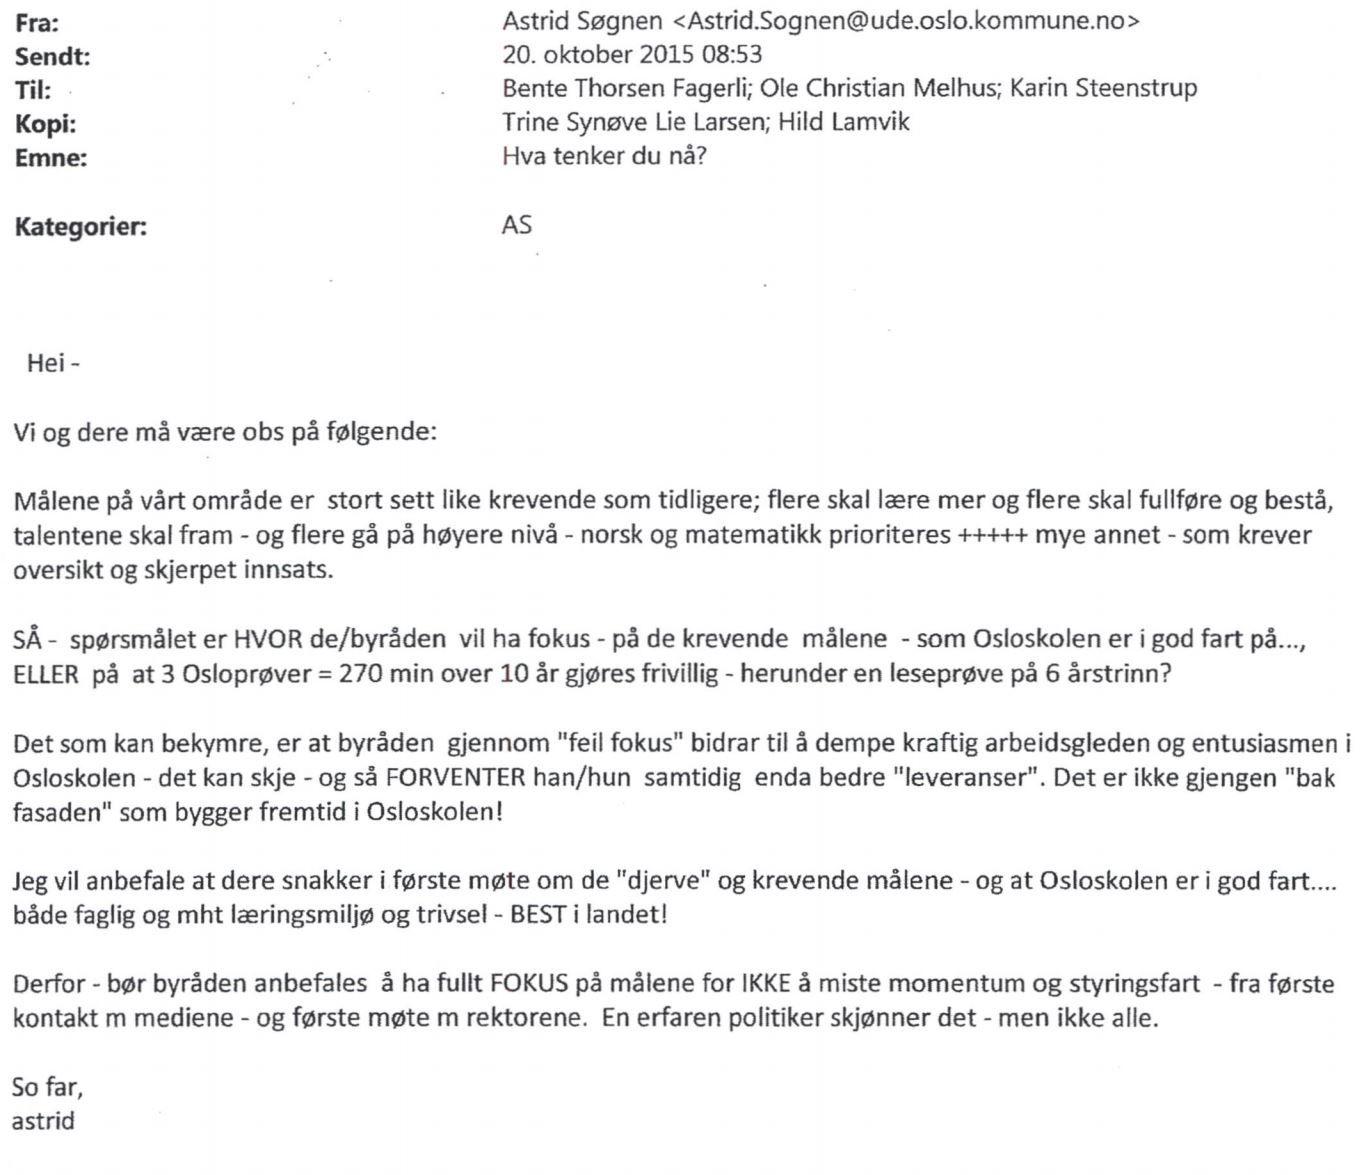 E-POST 1: Utdanningsdirektør Søgnens første bekymrings-e-post sendt dagen før den nye skolebyråden presenteres 21. oktober 2015.